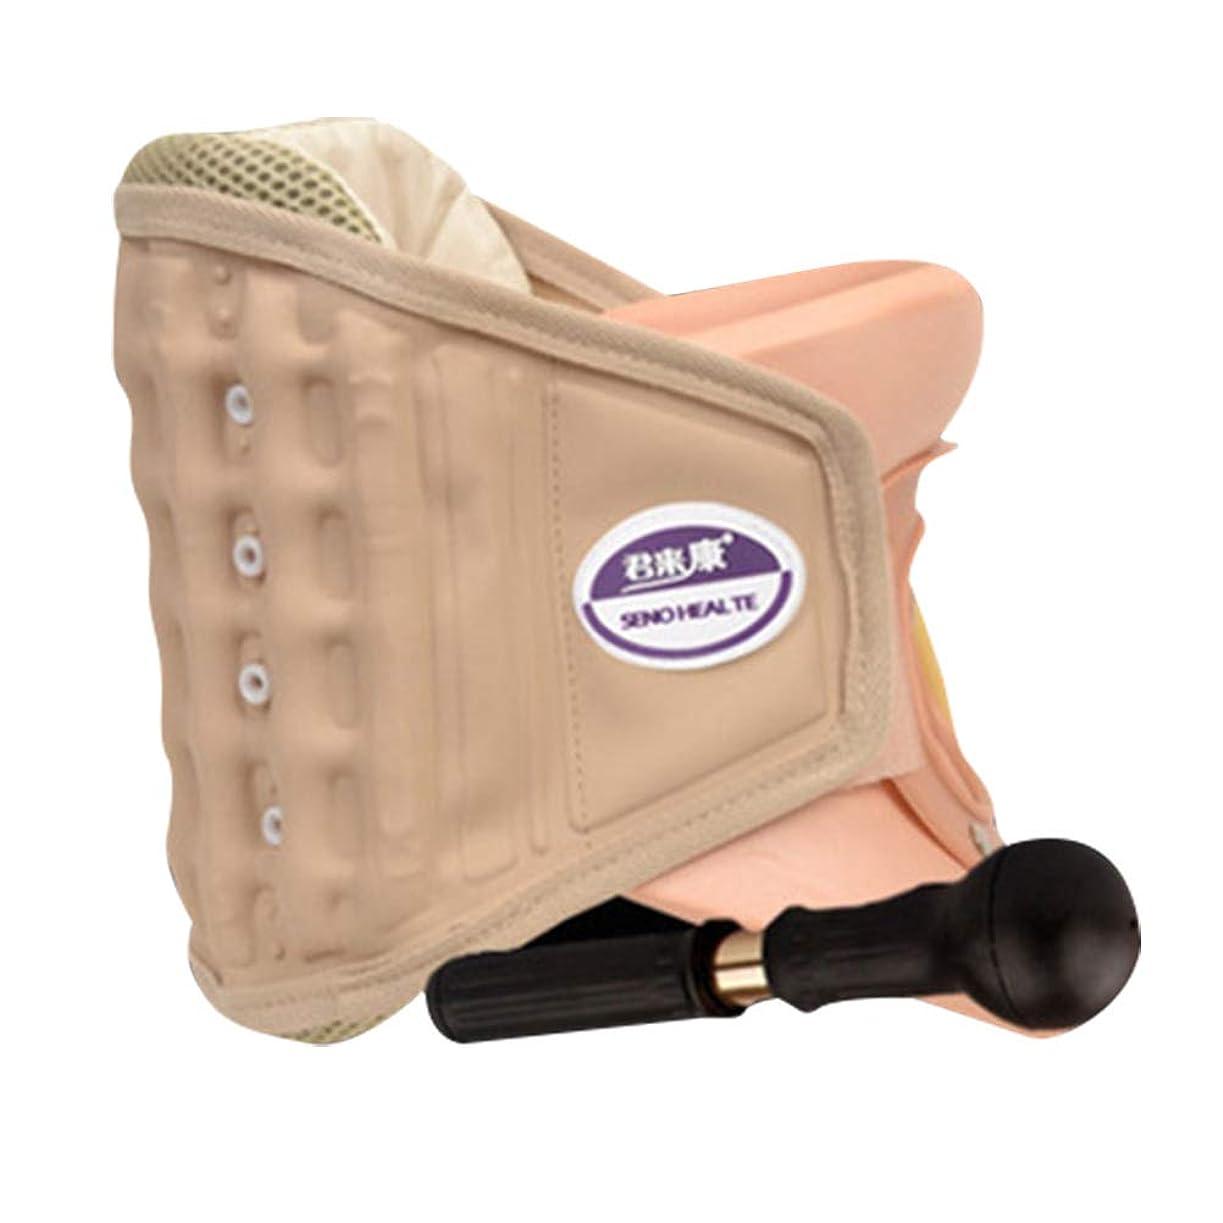 薄暗い市区町村問い合わせSUPVOX 頸部首牽引襟デバイス装具椎骨サポートベルト付きポンプポータブルネックマッサージャー